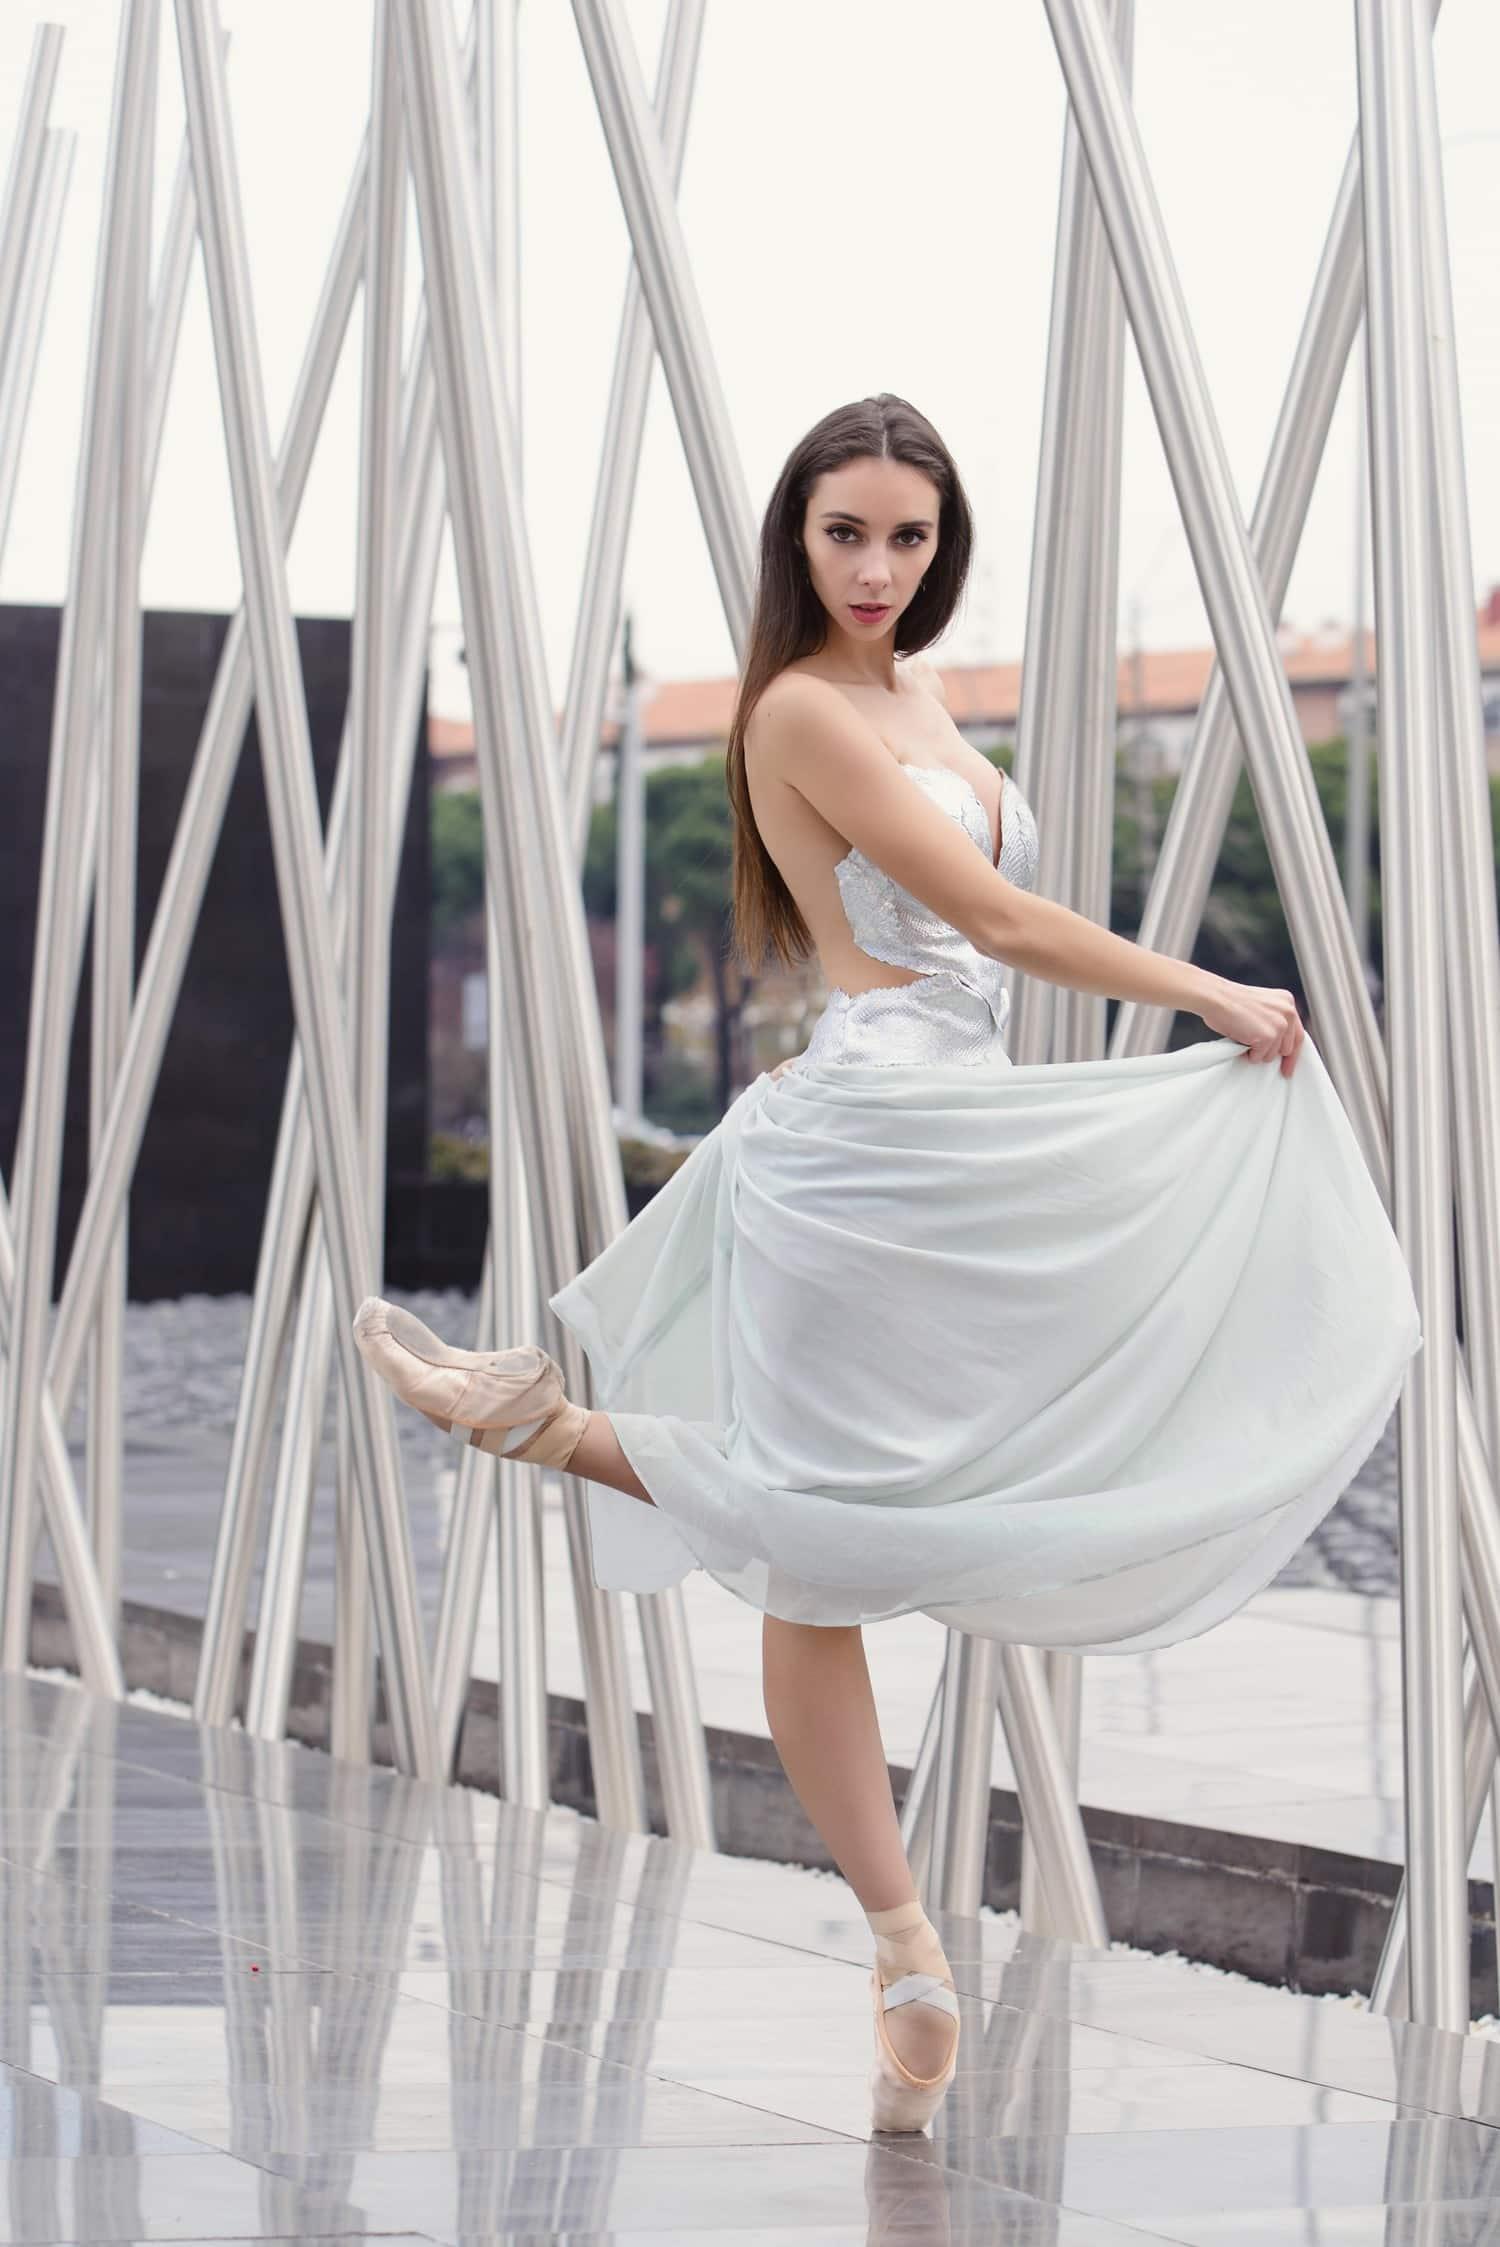 fotografía de una bailarina con vestido